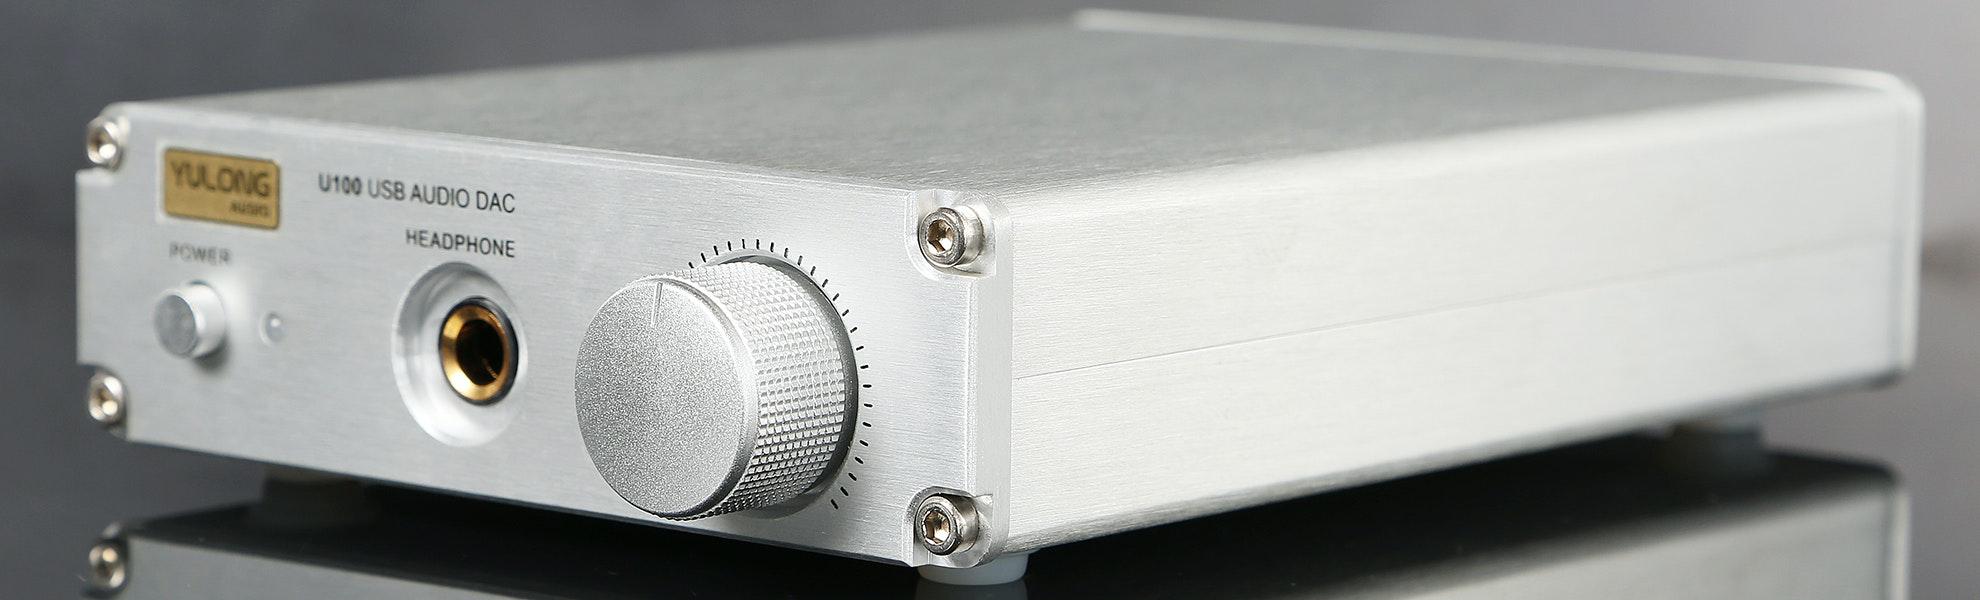 Yulong U100 Audiophile DAC/Amplifier